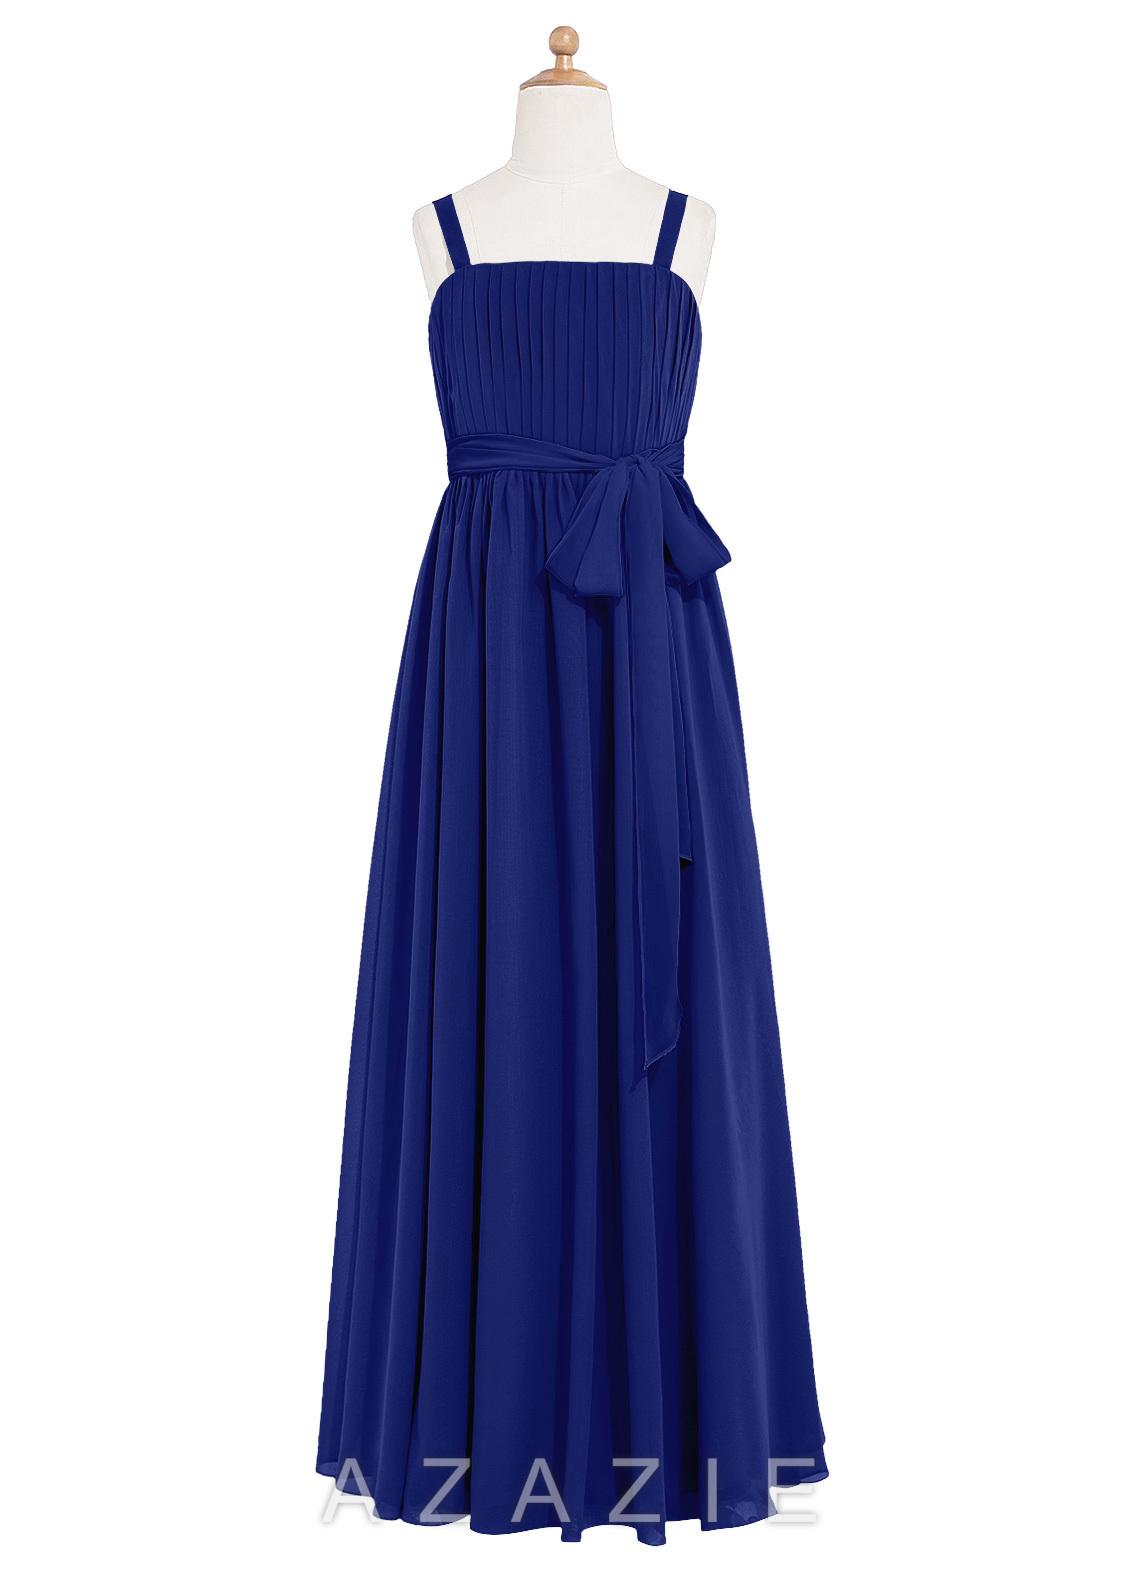 Azazie Ellie JBD Junior Bridesmaid Dress